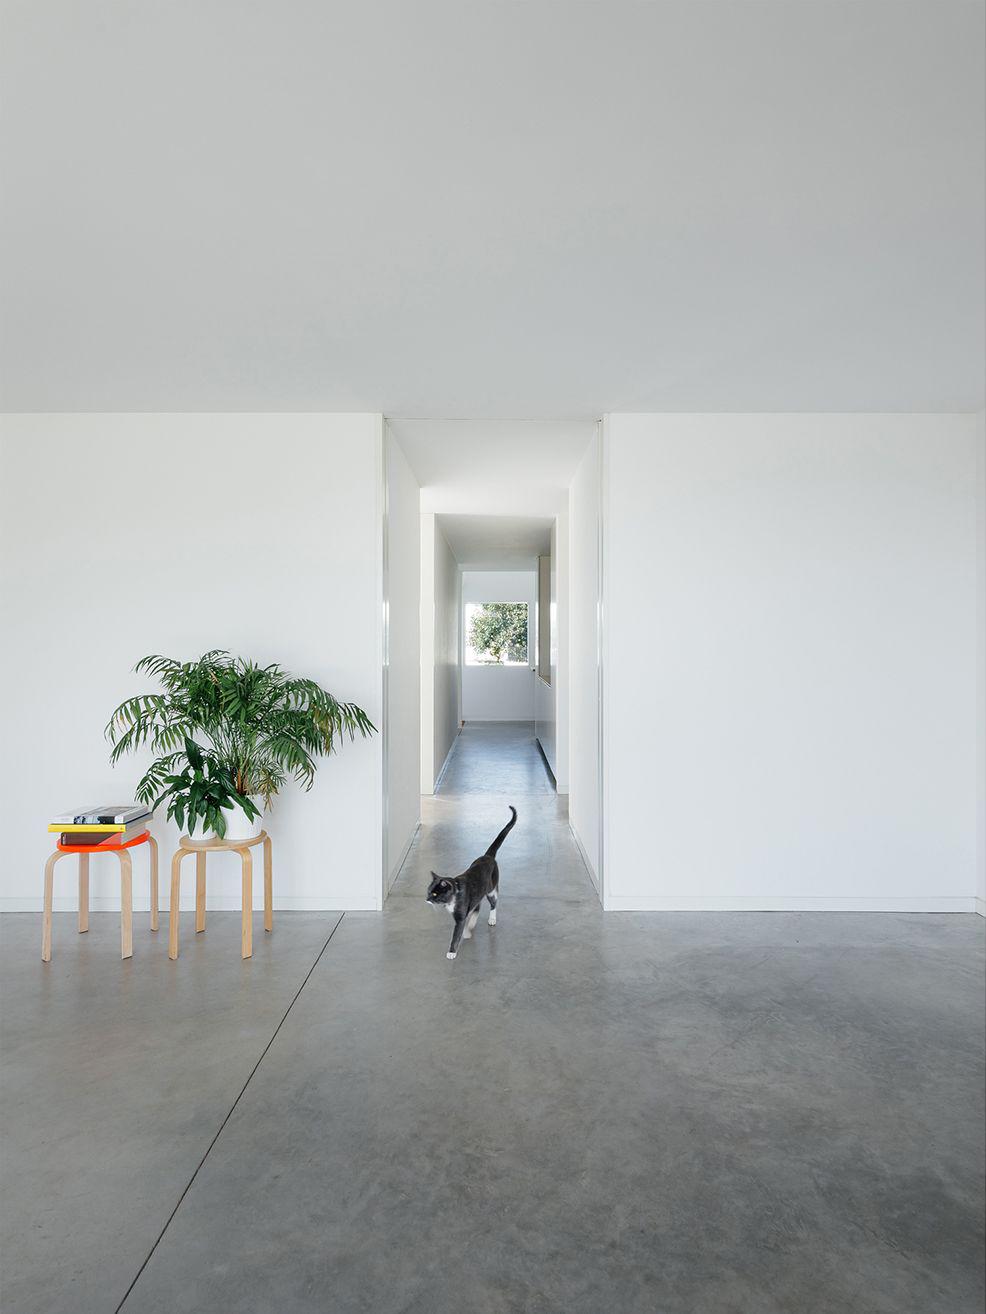 casa-preguicosas-16